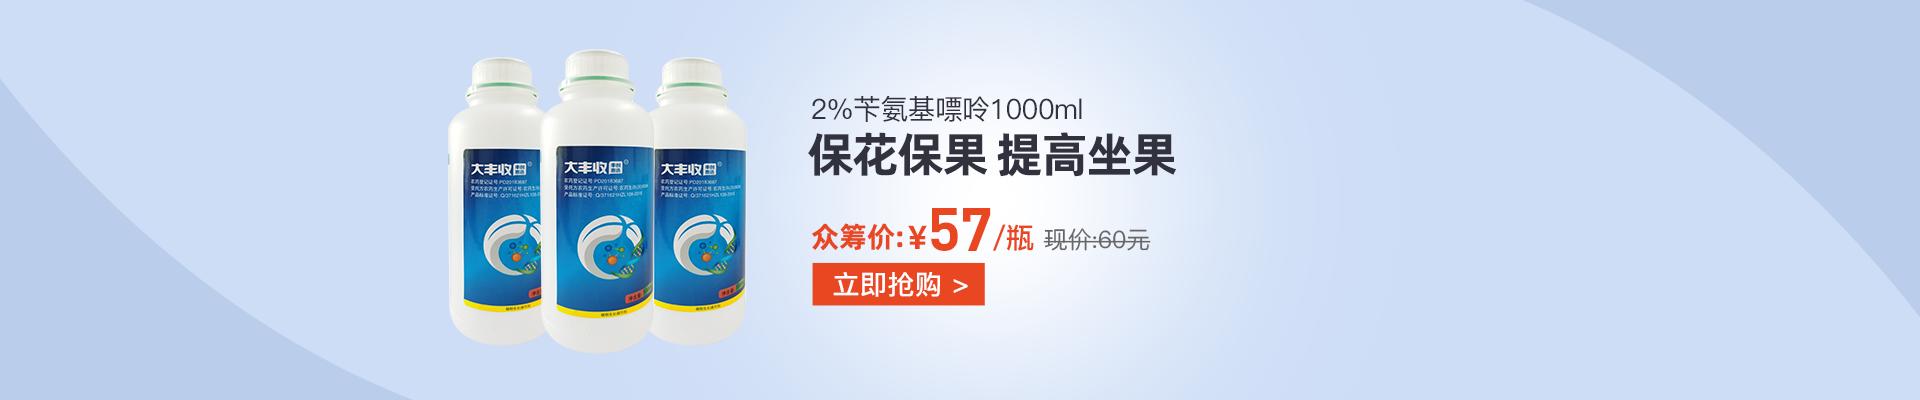 【5月】众筹-【丰创惠选】2%苄氨基嘌呤 可溶液剂 1000ml1000ml*5瓶